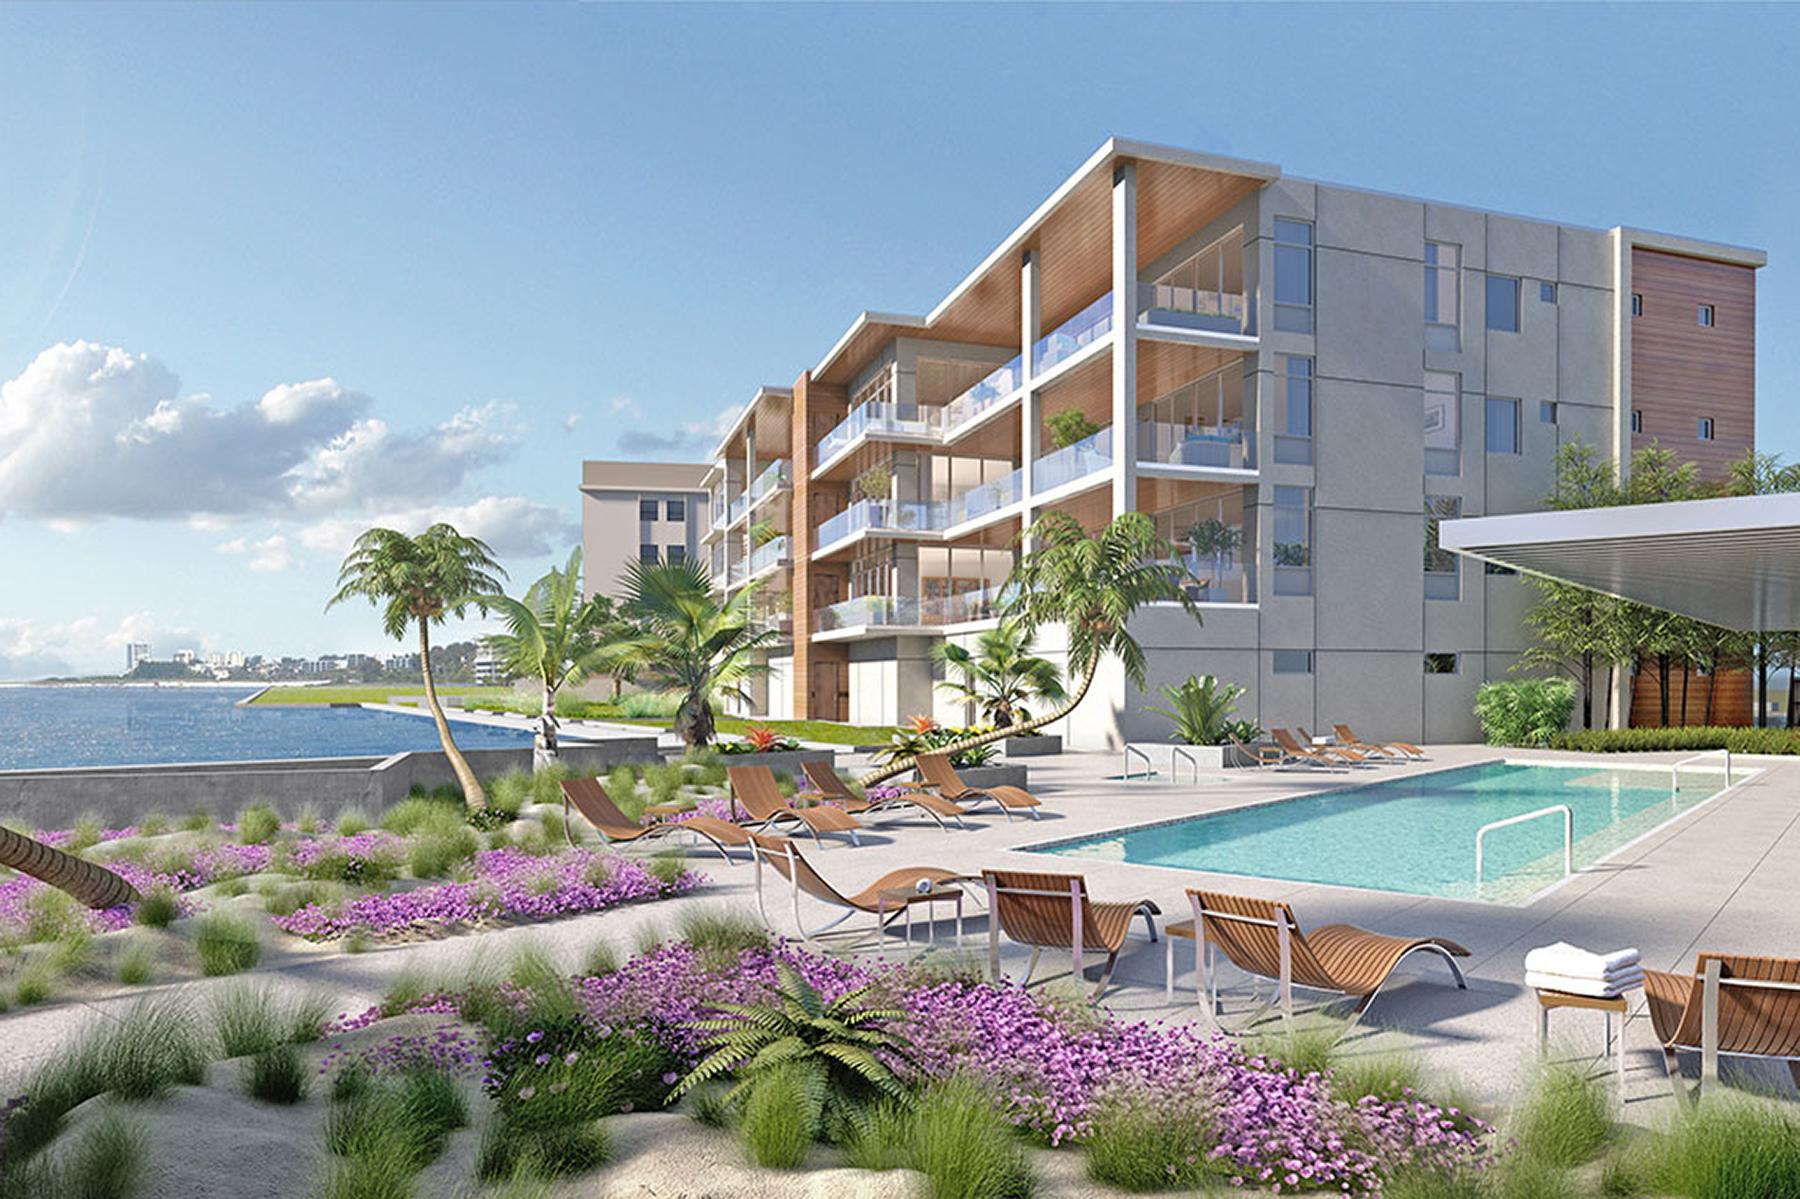 Eigentumswohnung für Verkauf beim 4740 Ocean Blvd , 301 Penthou, Sarasota, FL 34242 4740 Ocean Blvd 301 Penthou Sarasota, Florida, 34242 Vereinigte Staaten